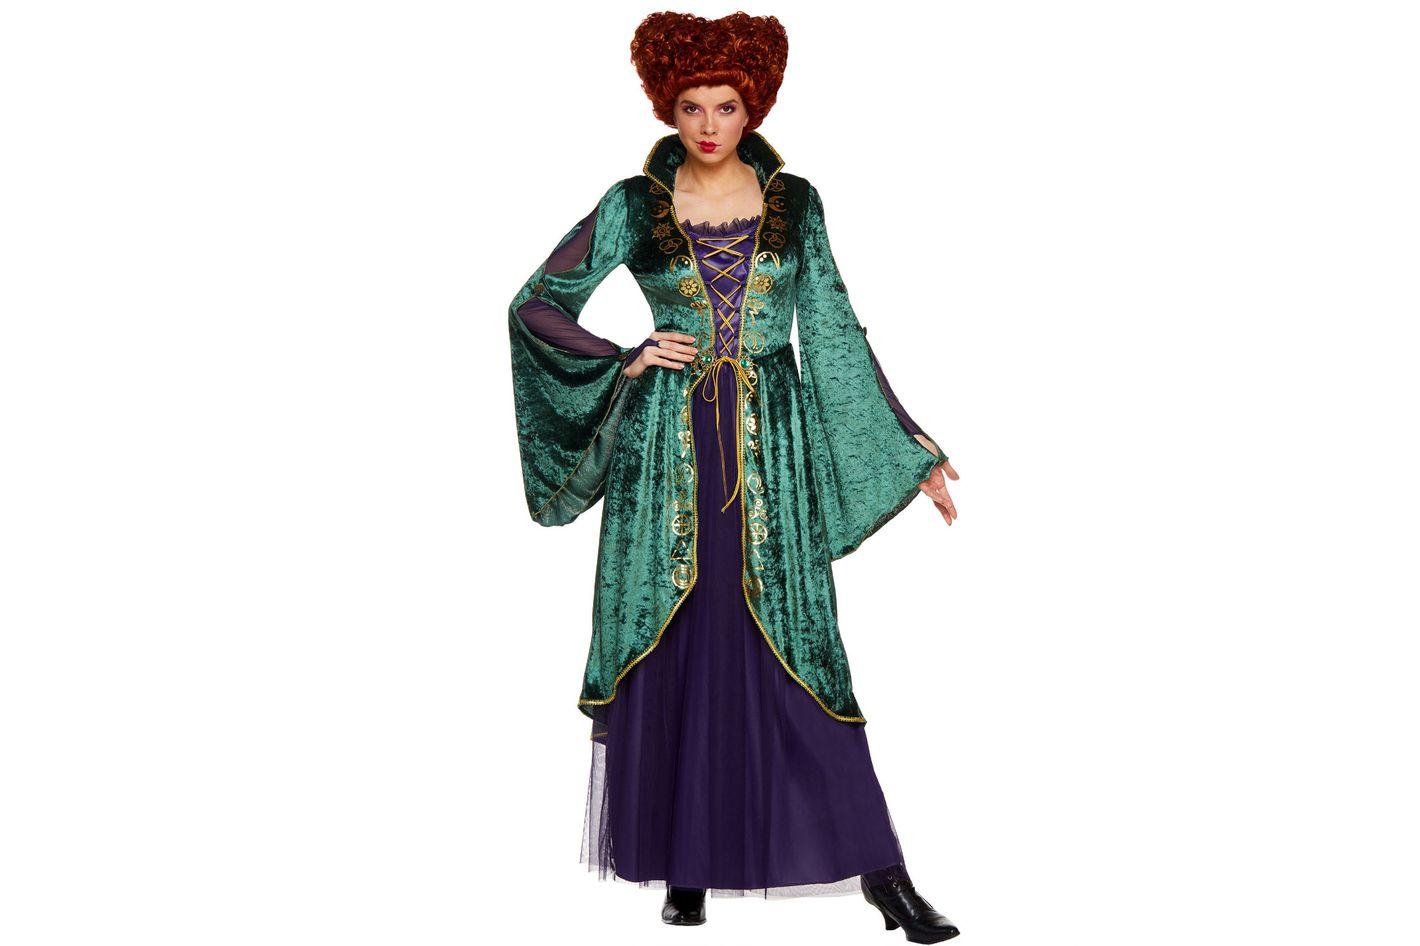 Hocus Pocus Adult Winifred Sanderson Costume